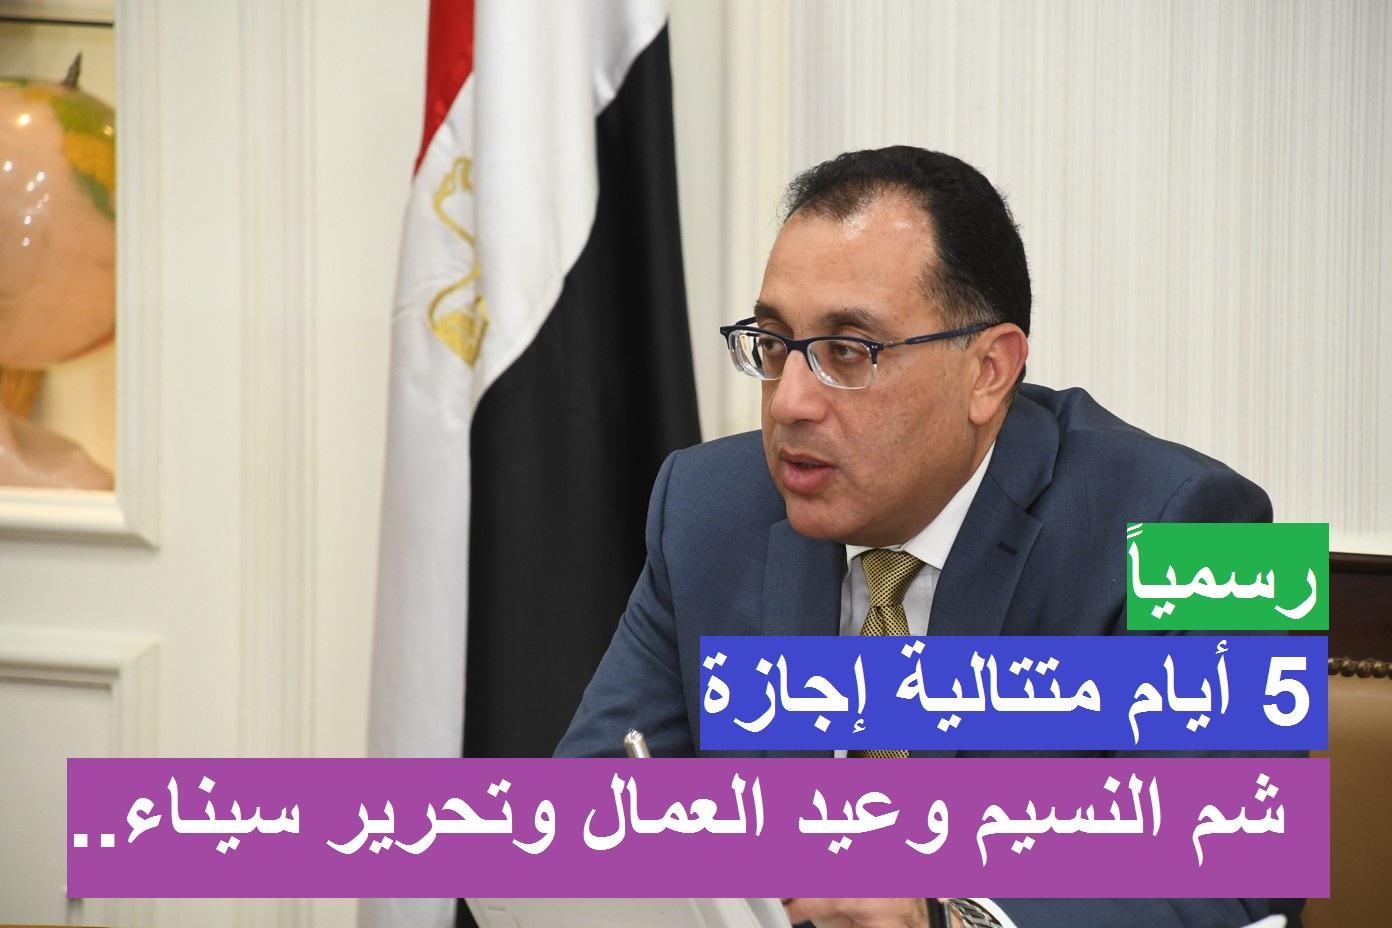 5 أيام متتالية إجازة.. قرارات رئيس الوزراء اليوم بشأن إجازة عيد العمال وشم النسيم وتحرير سيناء